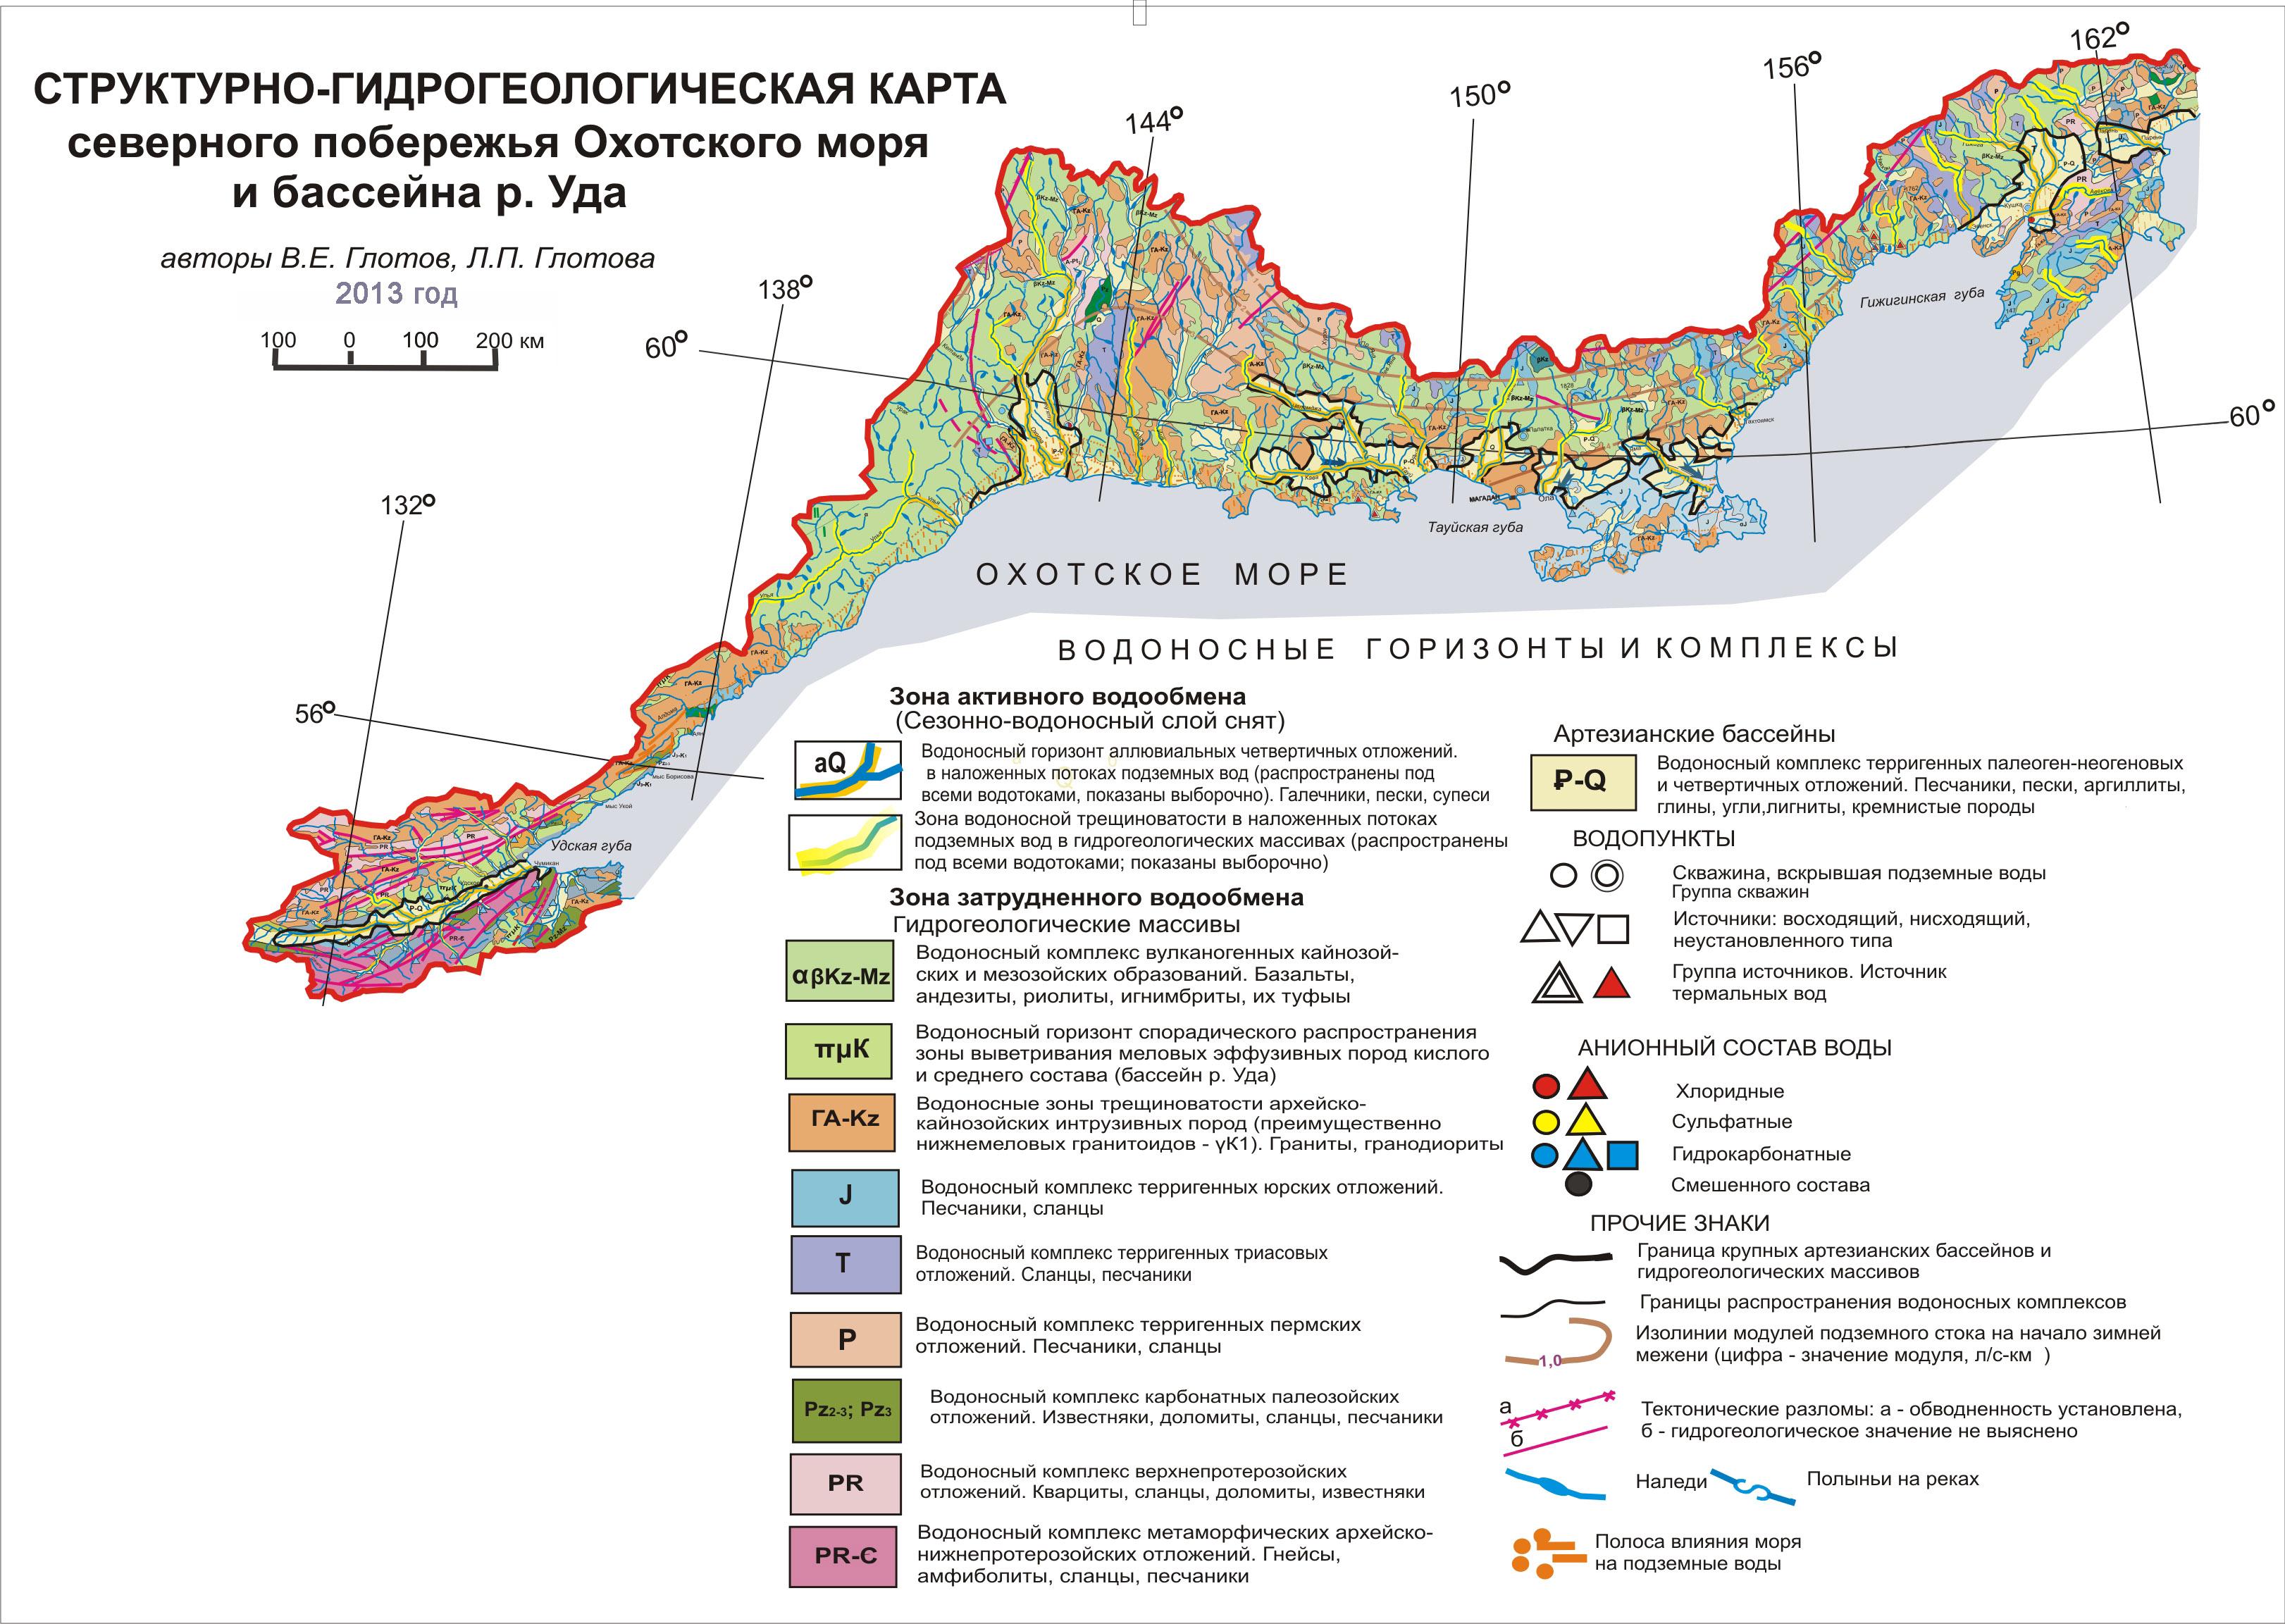 Структурно-гидрогеологическая карта побережья Охотского моря